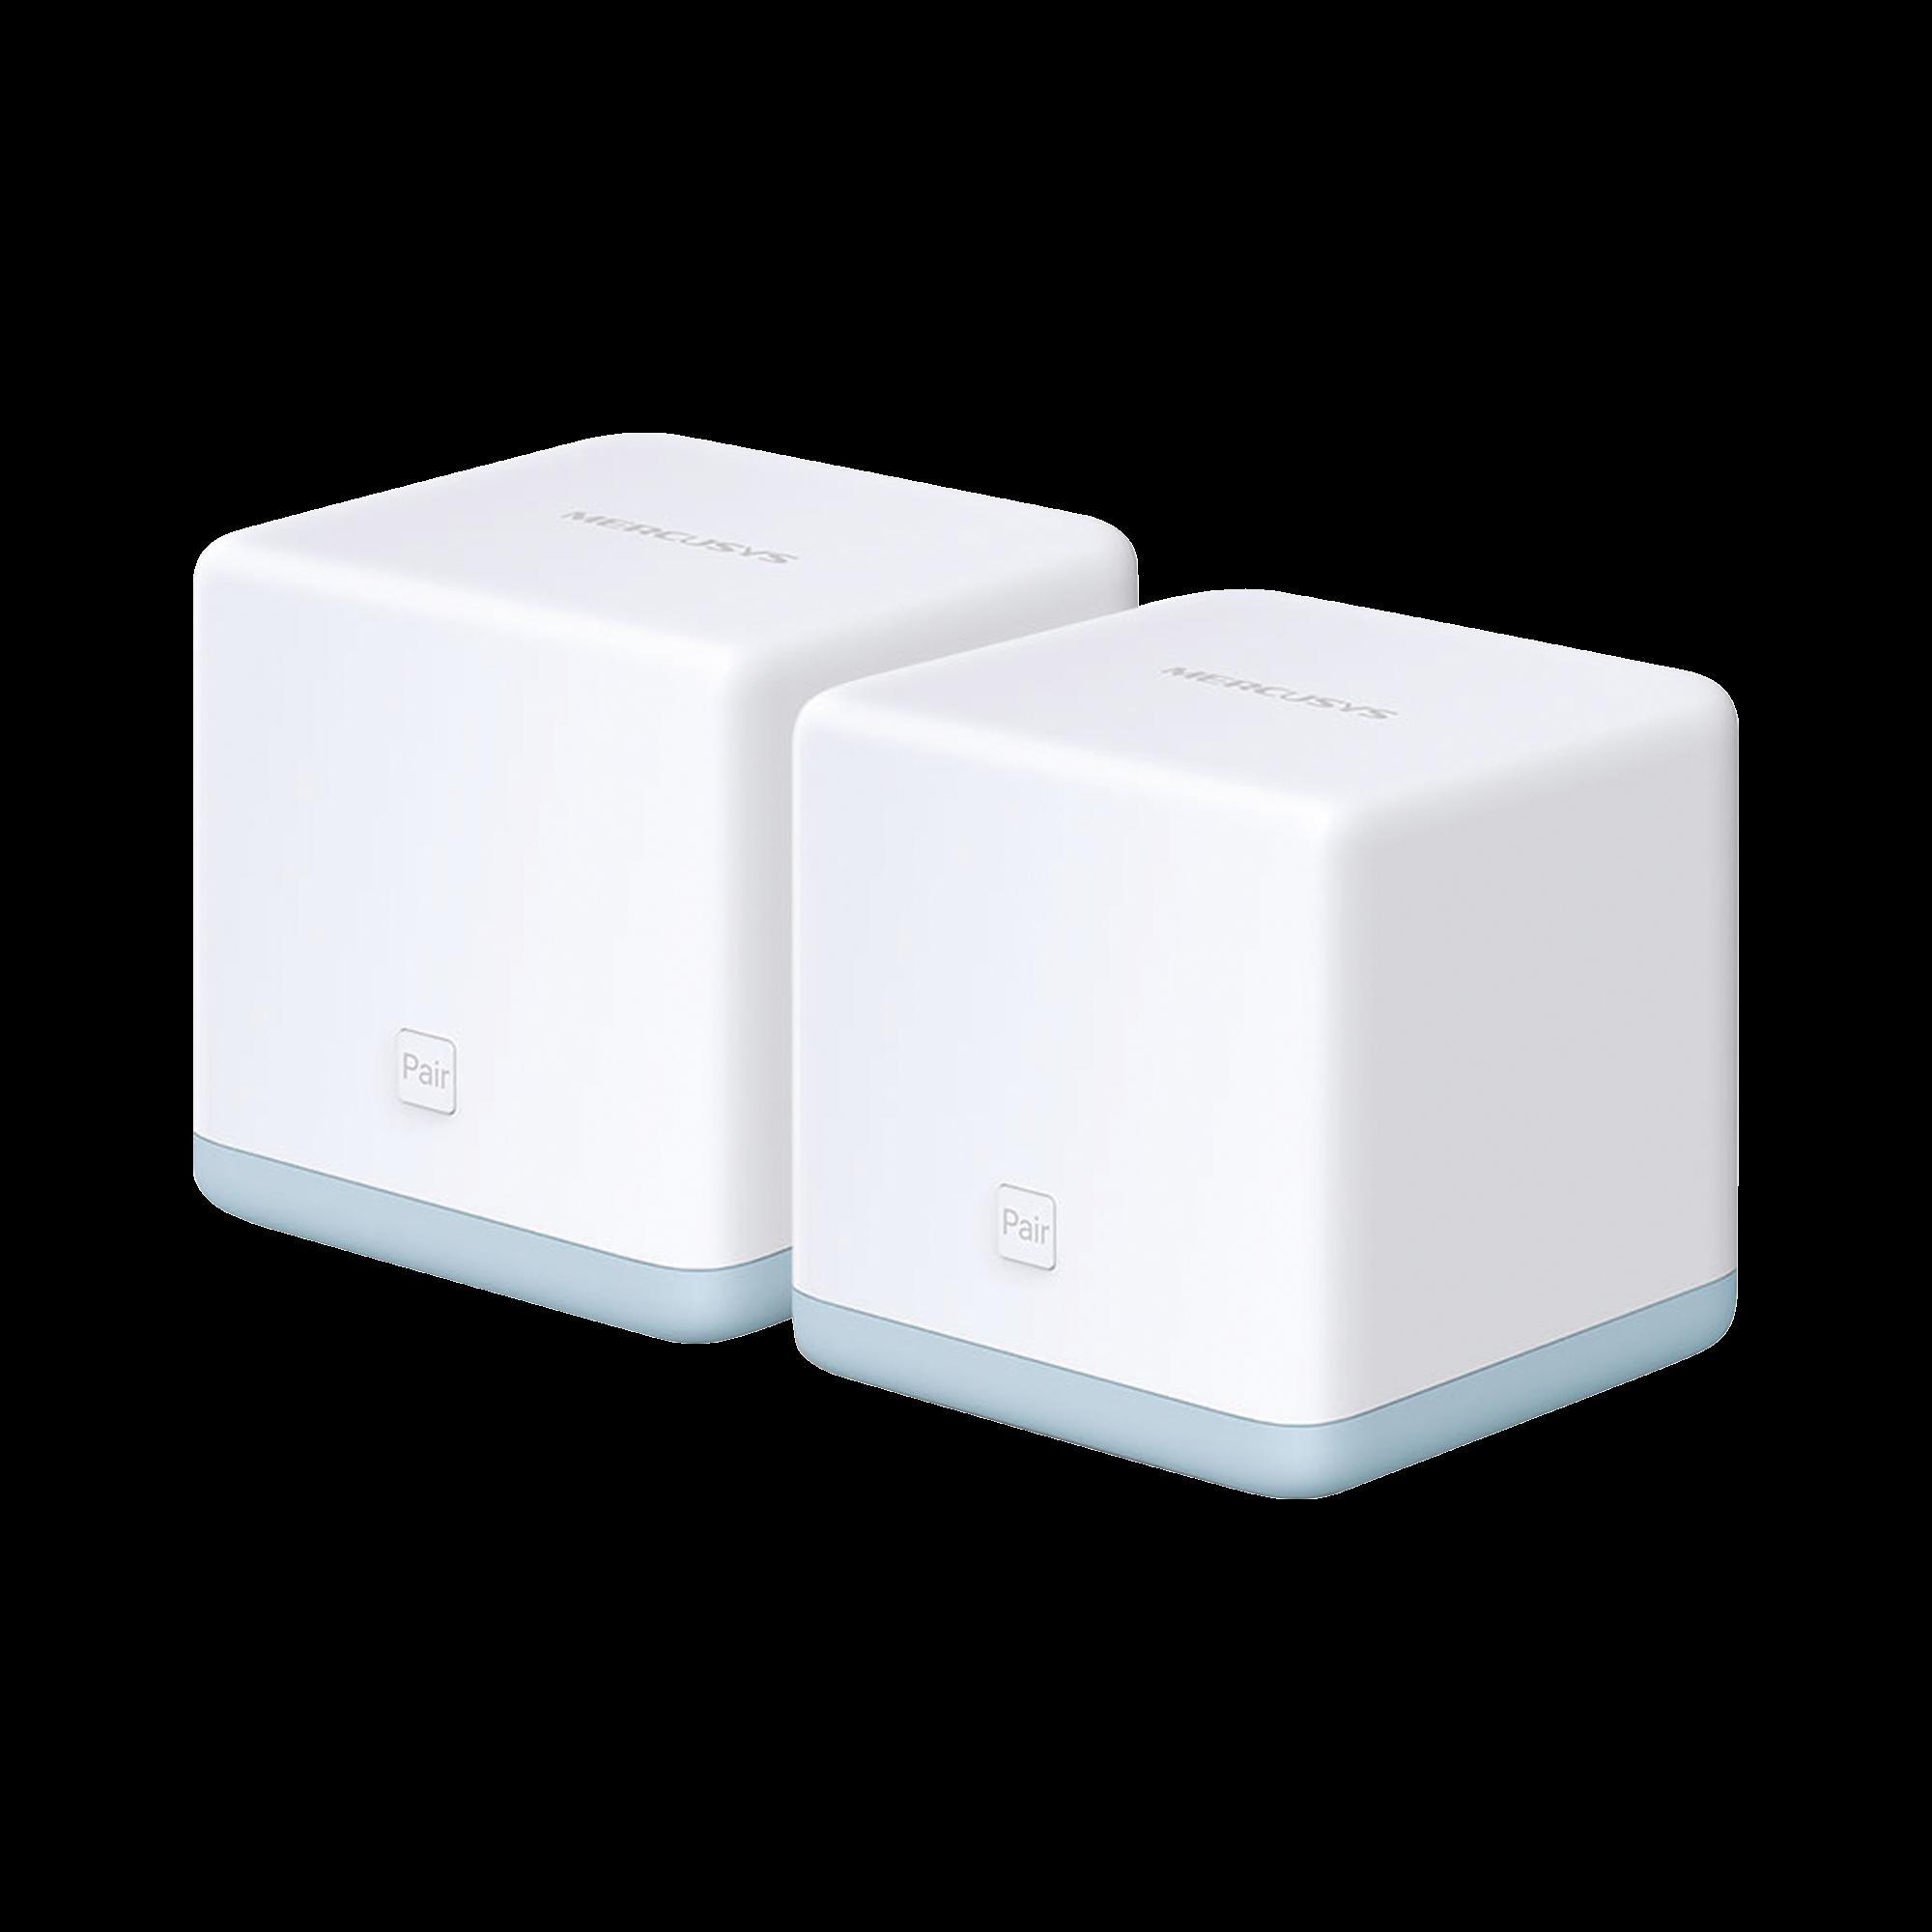 KIT de sistema inalámbrico HALO S12 Mesh para hogar, 2.4GHz y 5GHz AC 1200Mbps, doble puerto 10/100Mbps, control parental.